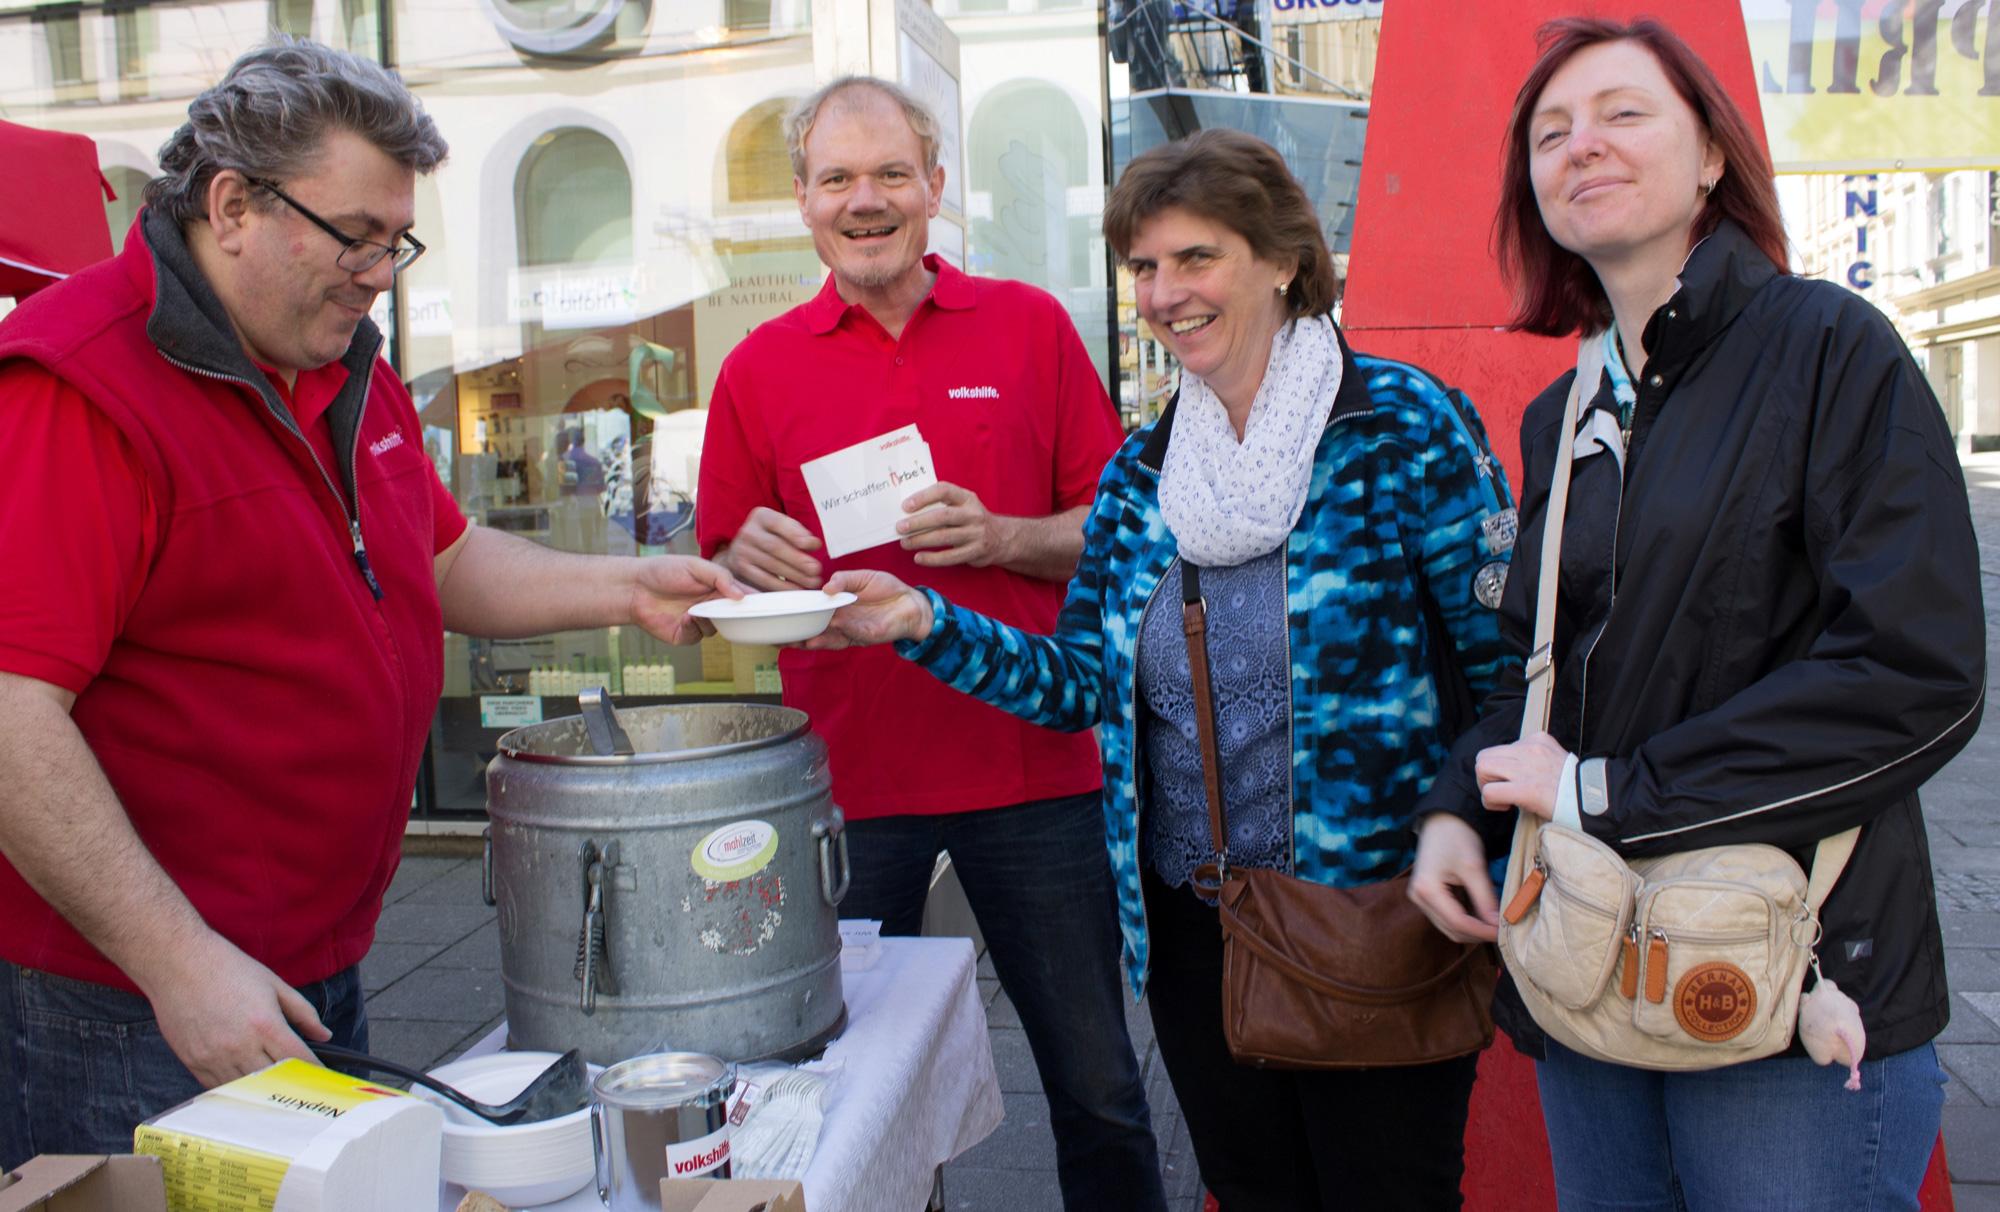 Mitarbeiter der Volkshilfe verteilen am 30. April zum Tag der Arbeitslosen gratis Erdäpfelsuppe an zwei Frauen